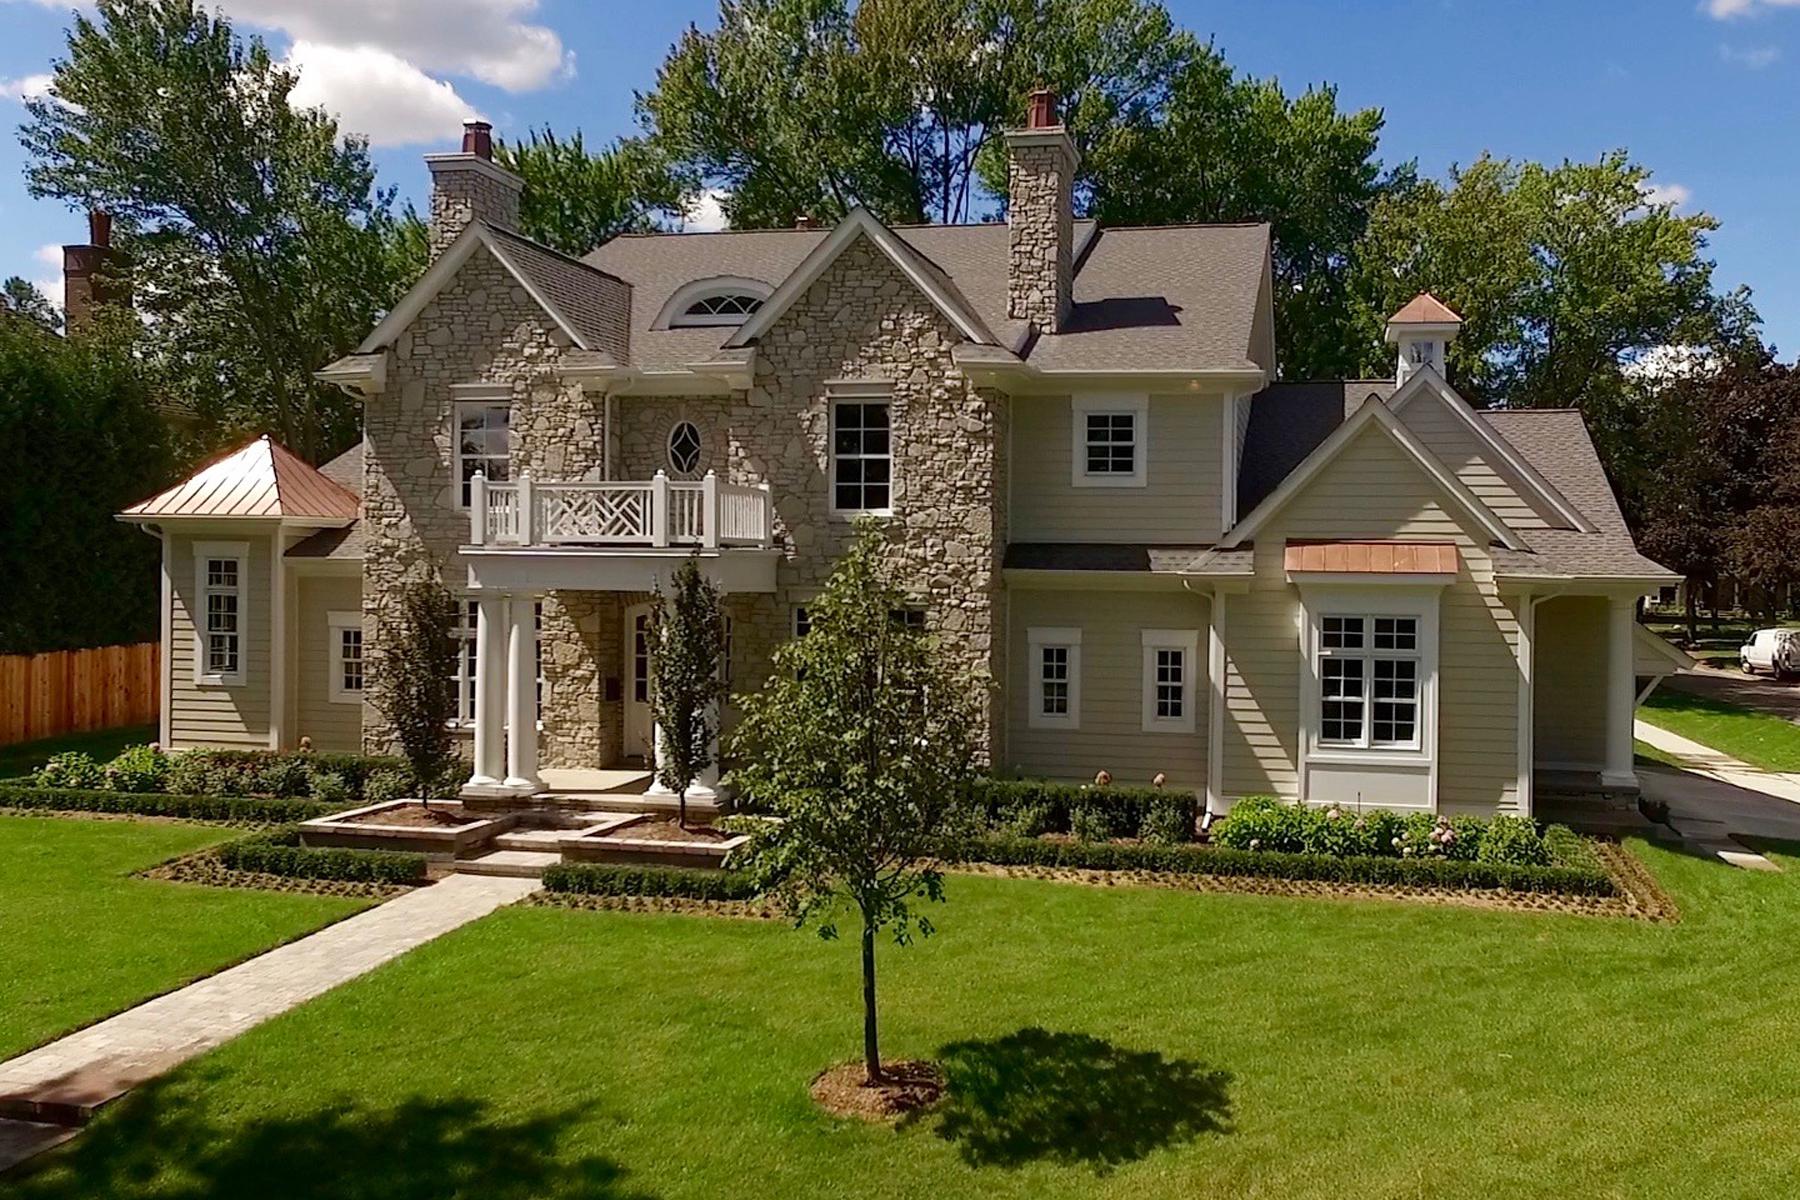 Maison unifamiliale pour l Vente à Birmingham 1365 Puritan Avenue Birmingham, Michigan, 48009 États-Unis